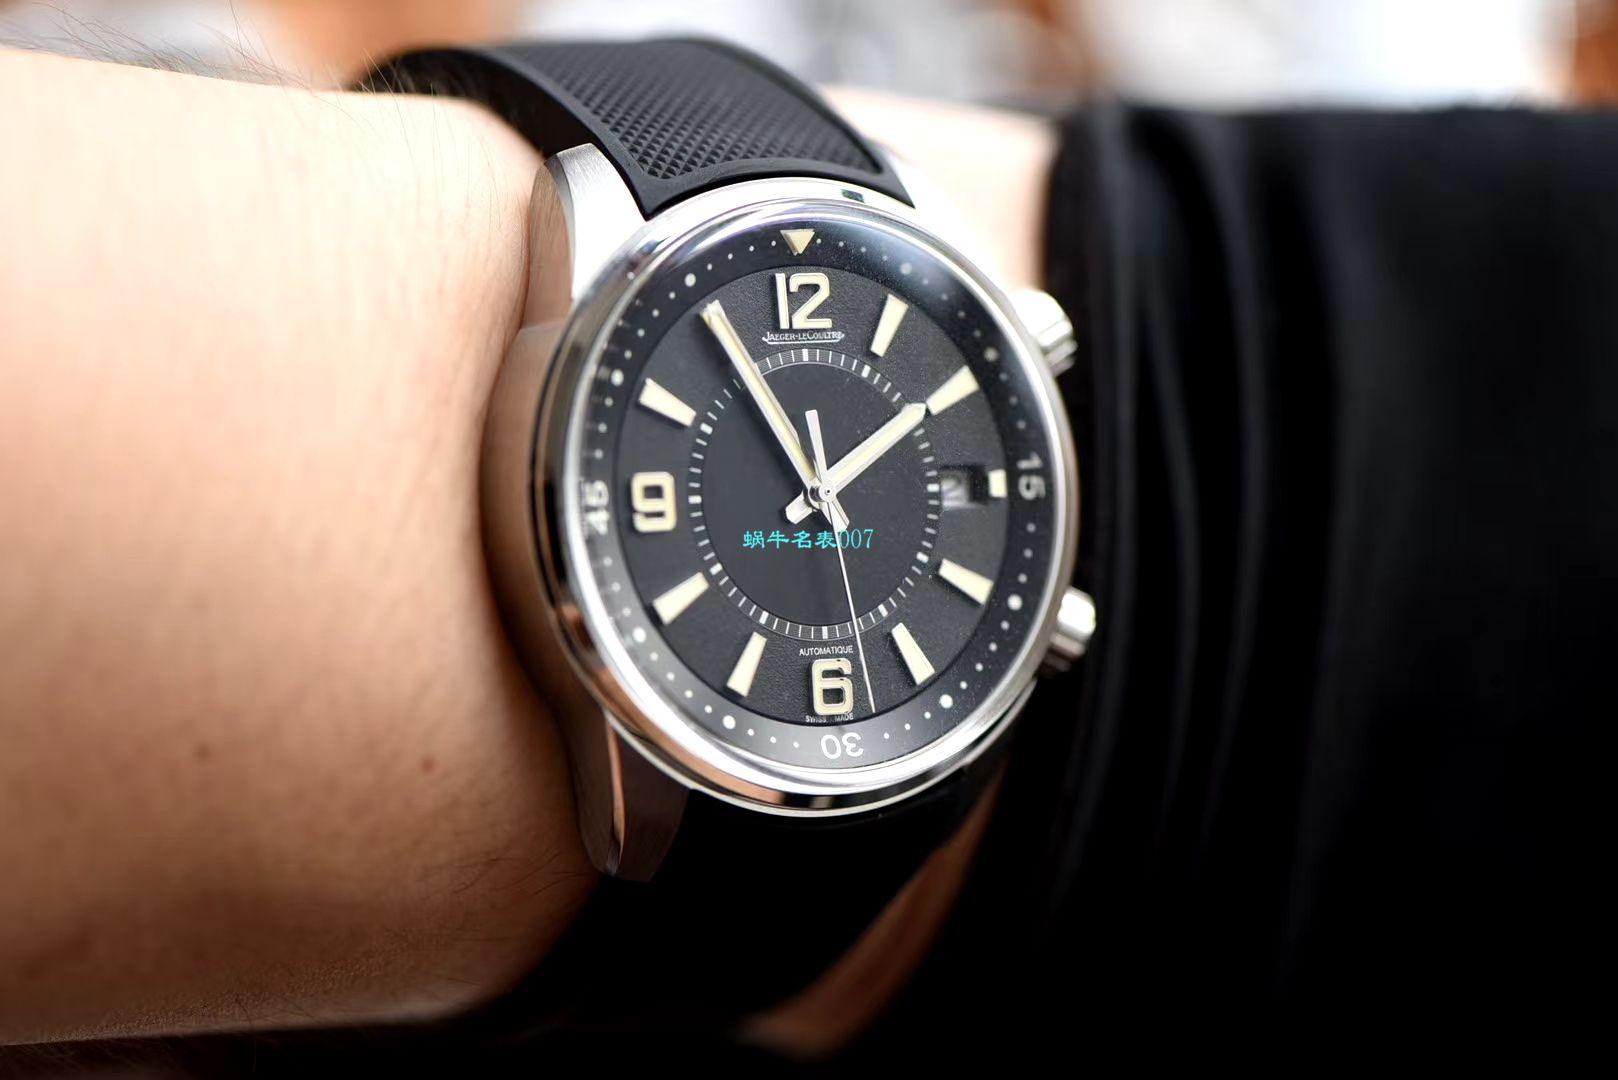 007高端定制ETA机芯积家复刻手表北宸系列Q9068670腕表 / JJ173